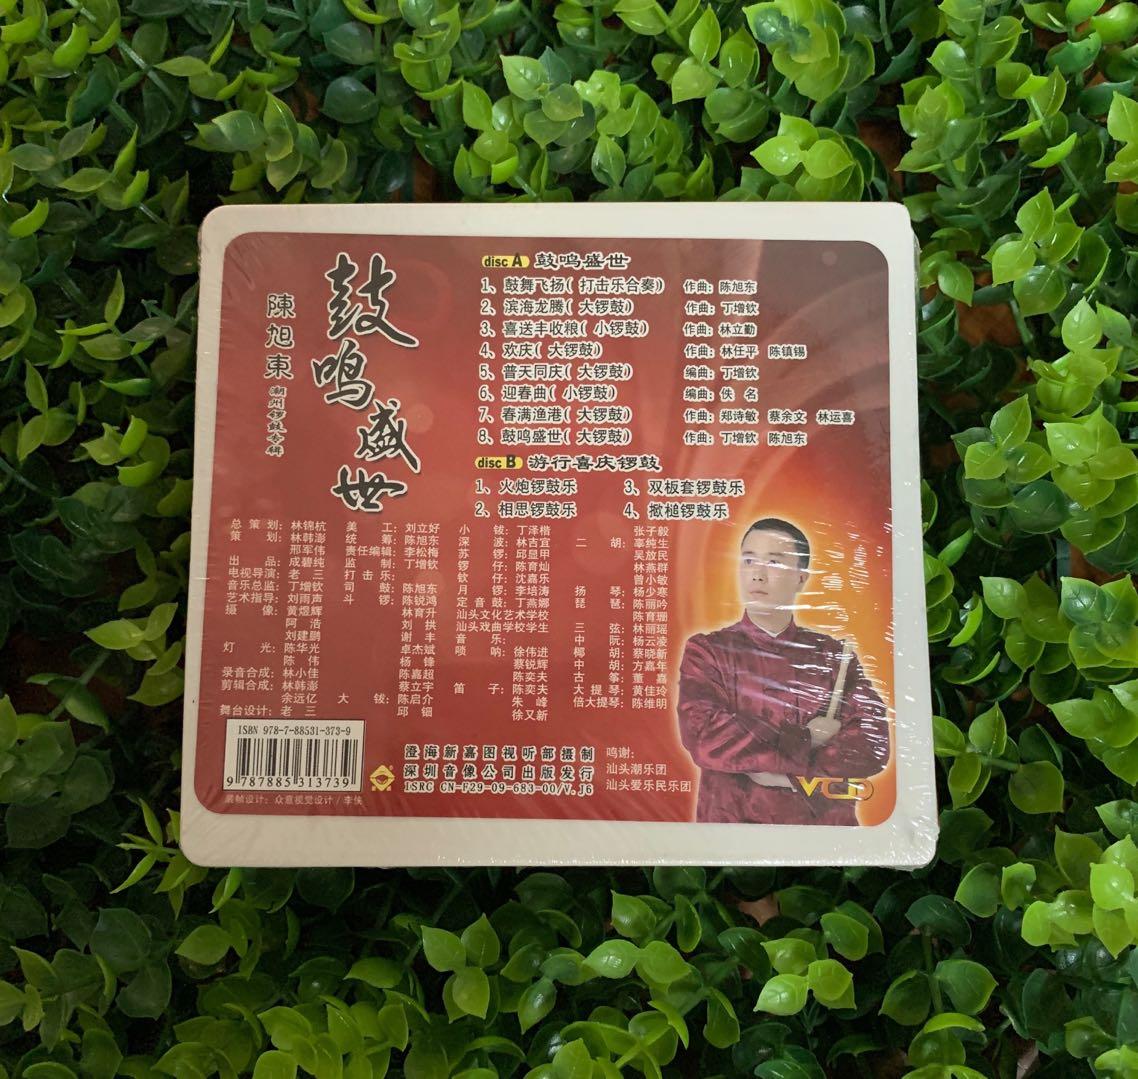 正版潮剧 潮州音乐潮州大锣鼓 陈旭东 鼓鸣盛世 2VCD光盘